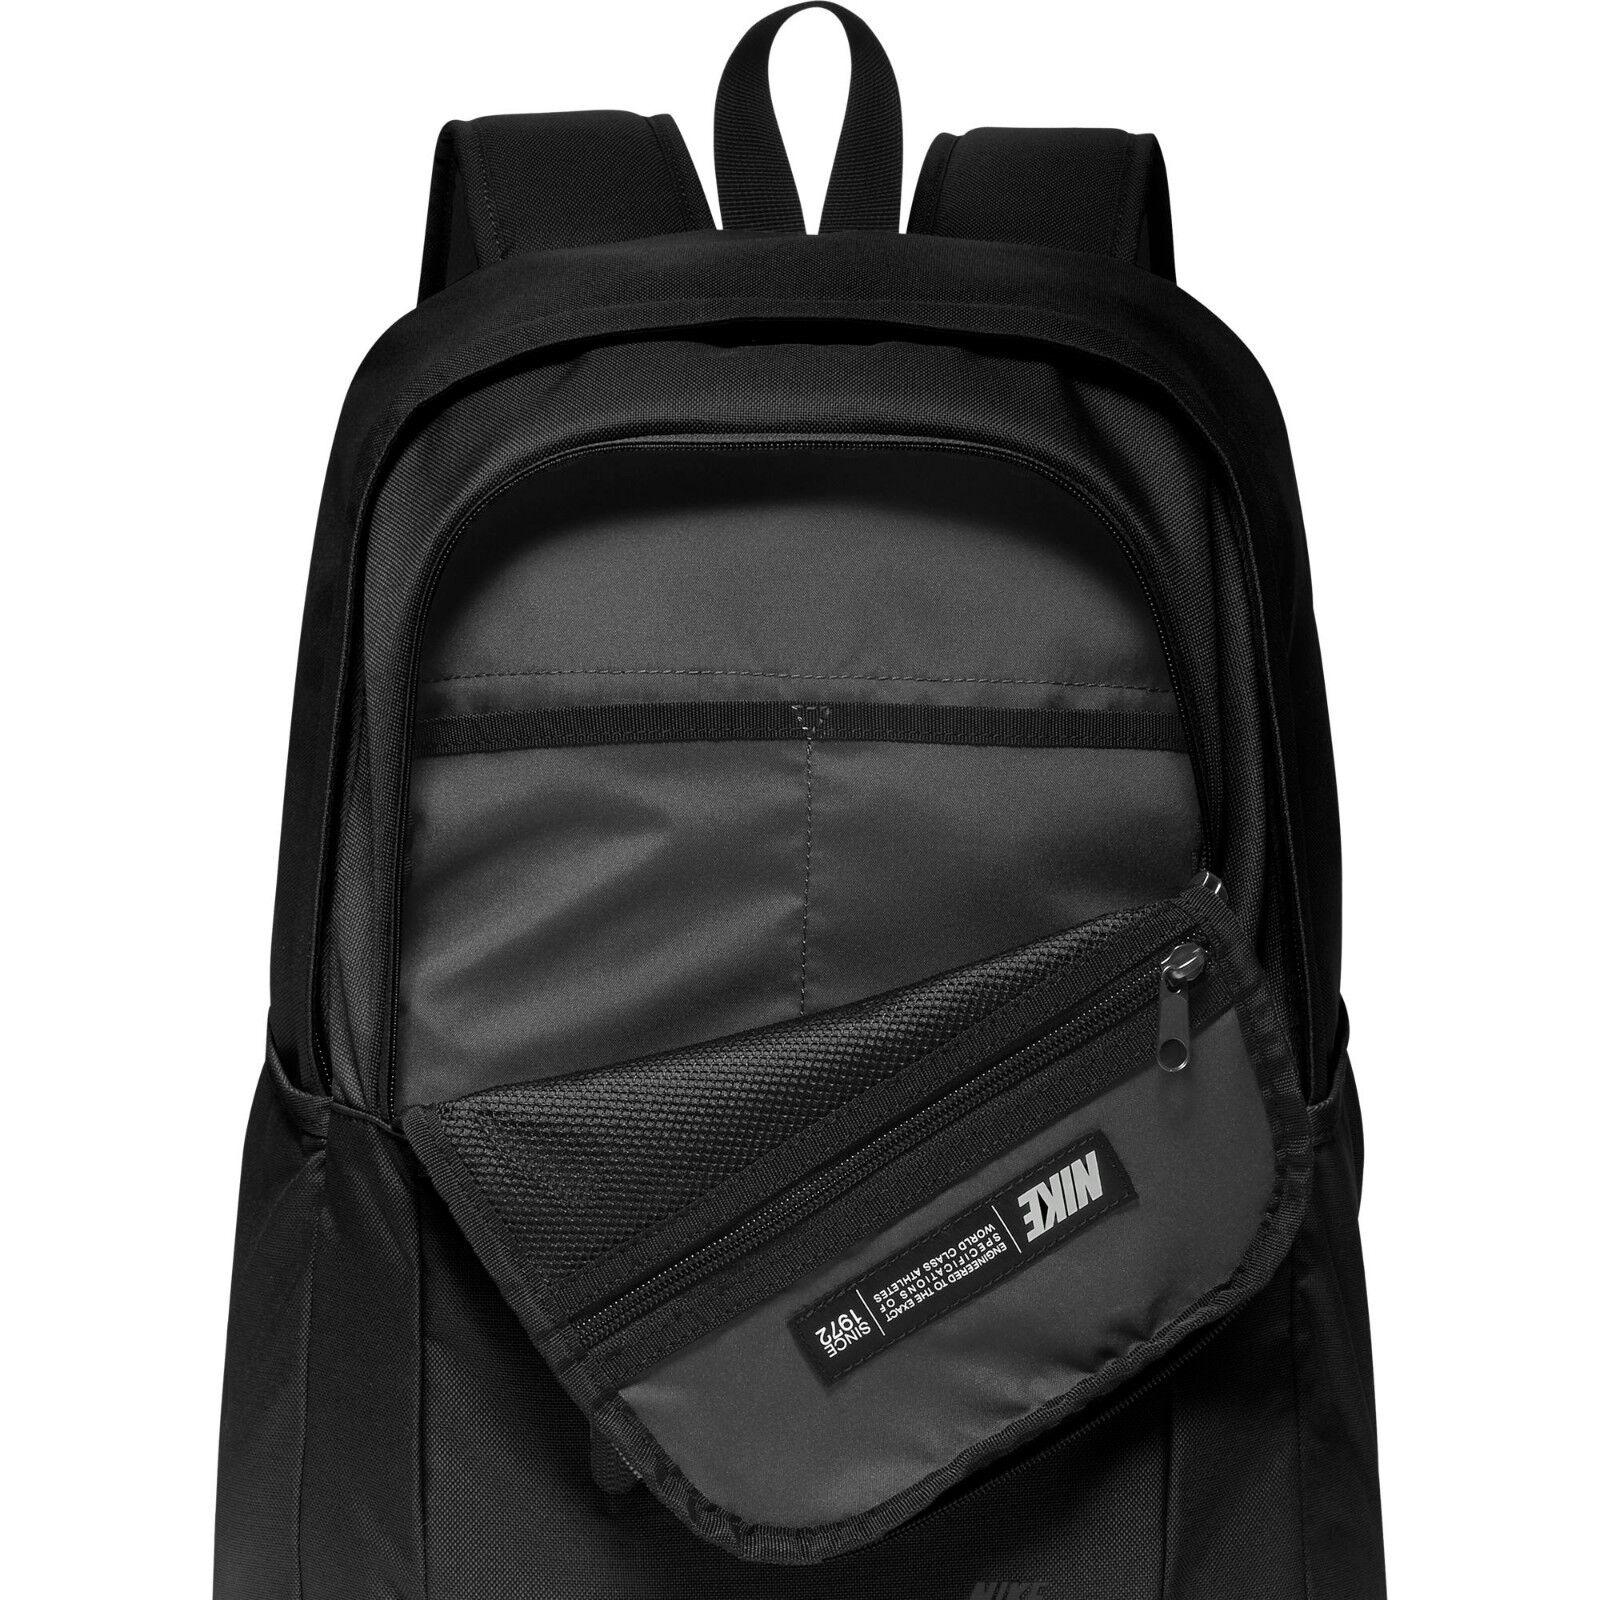 Mens Nike All Access Soleday Backpack Rucksack Bag School 25l Inter Laptop  Black for sale online  71499693d6d3f